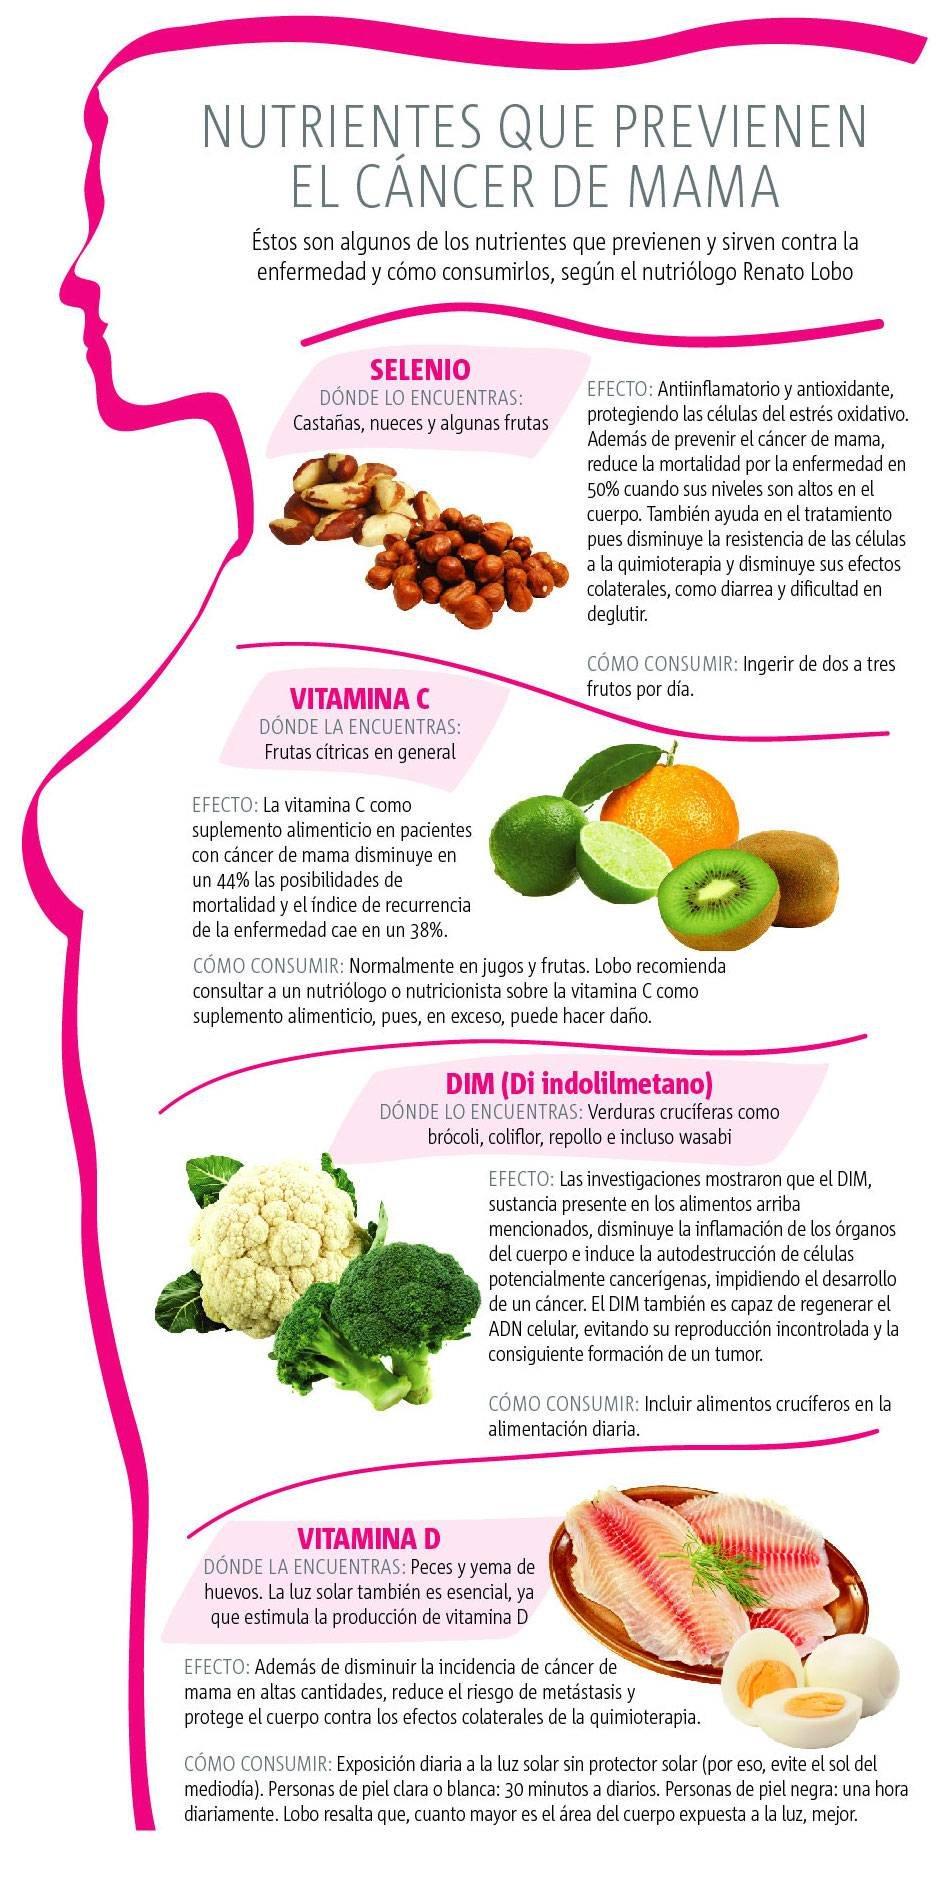 El c ncer de mama se previene publimetro m xico - Alimentos previenen cancer ...